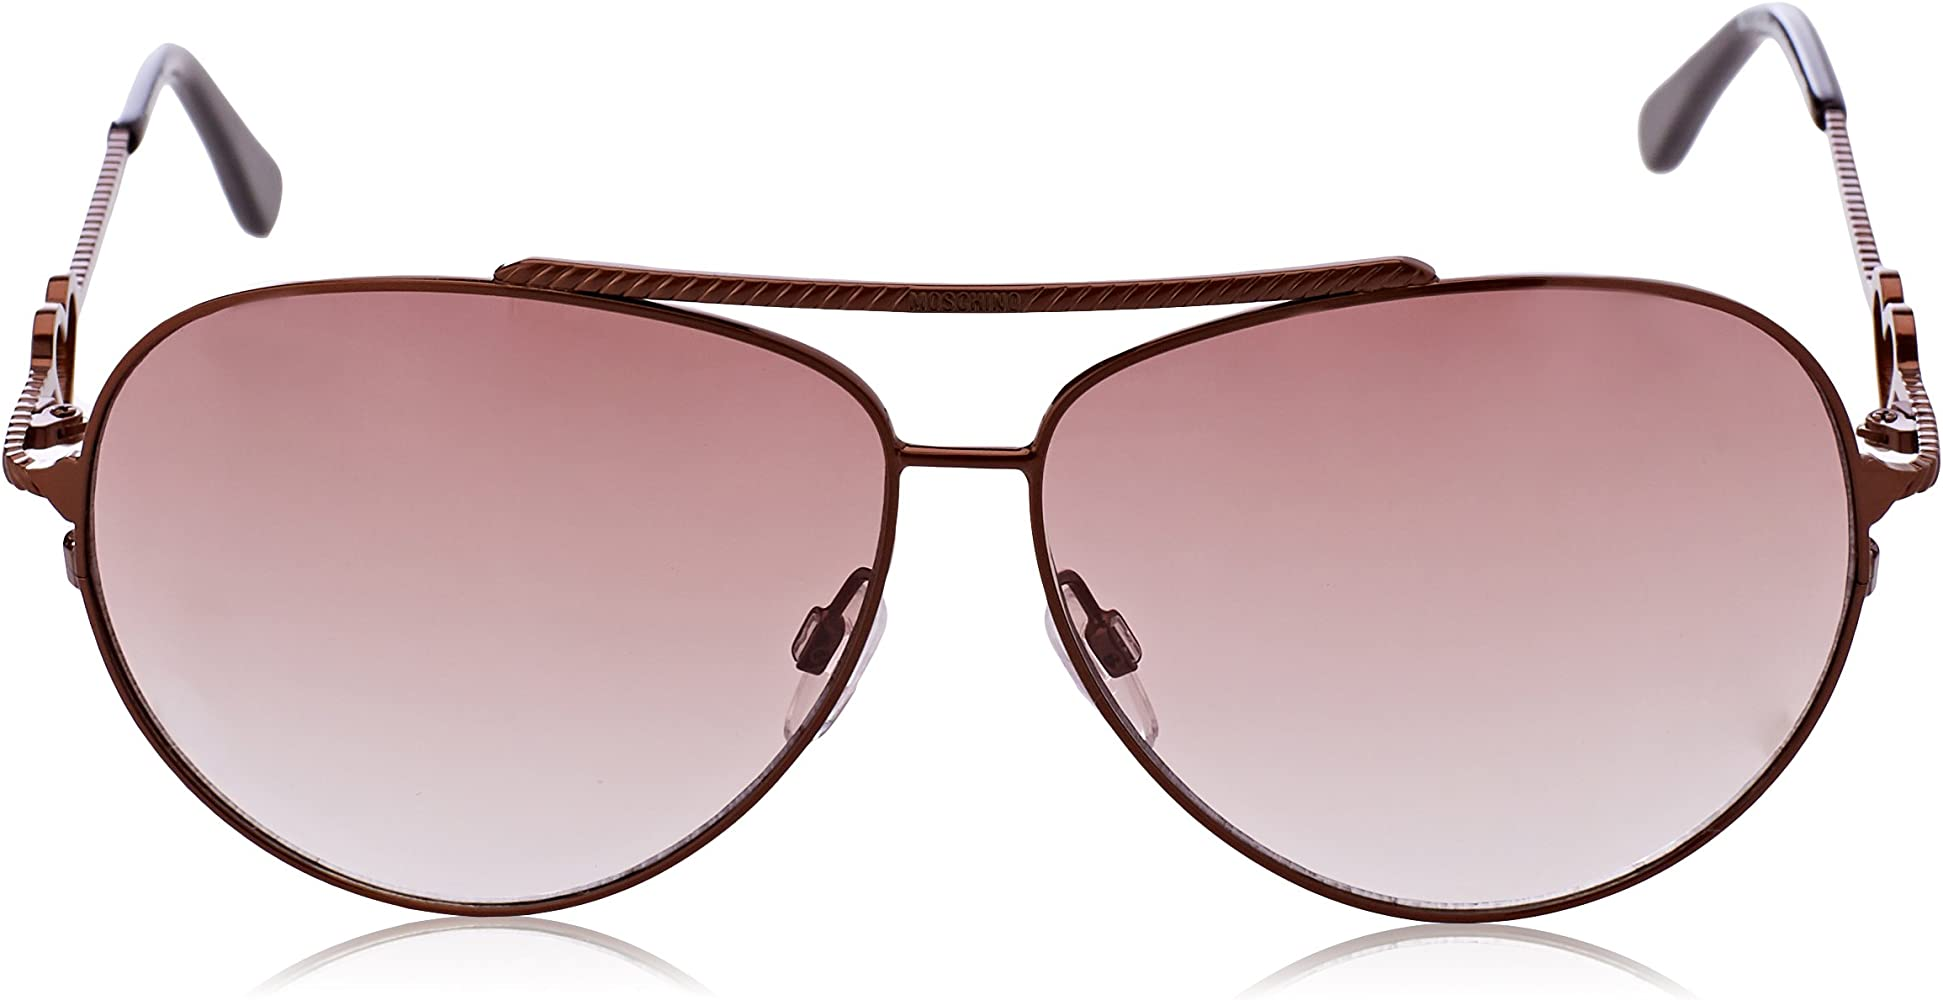 Moschino Eye Gafas de sol, Marrón (Rame), 61 para Mujer: Amazon.es: Ropa y accesorios